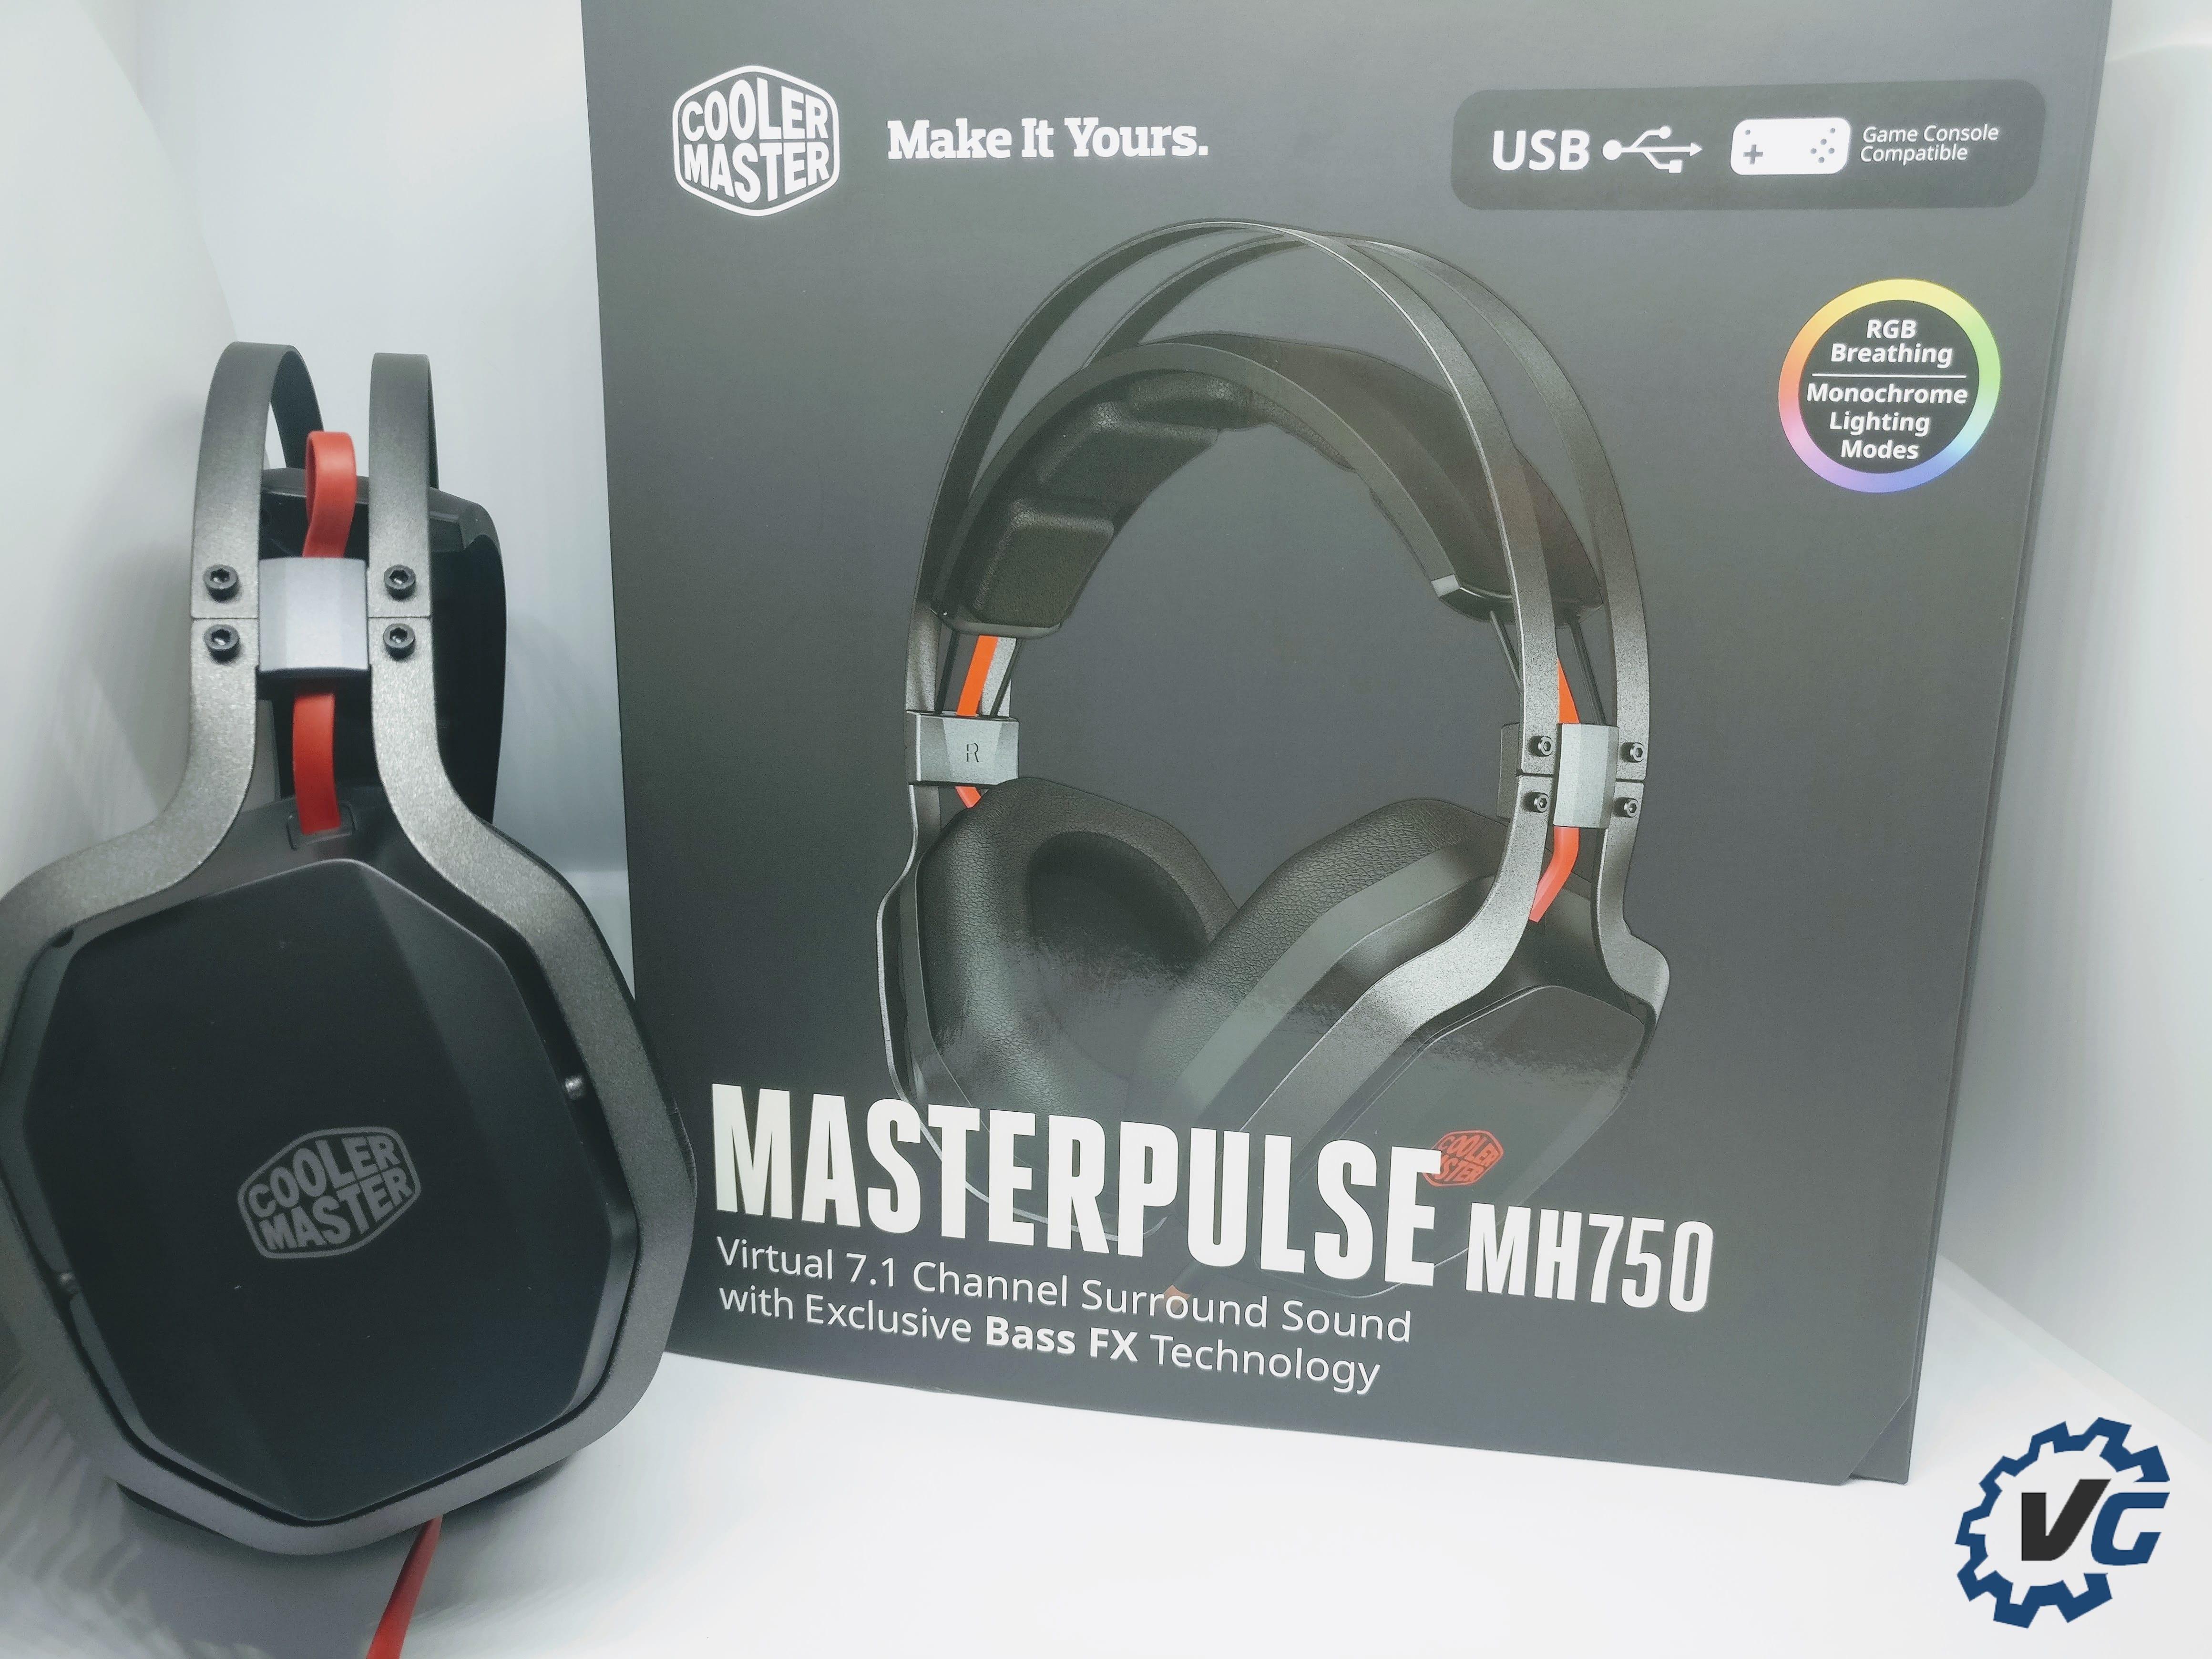 casque cooler master masterpulse mh750